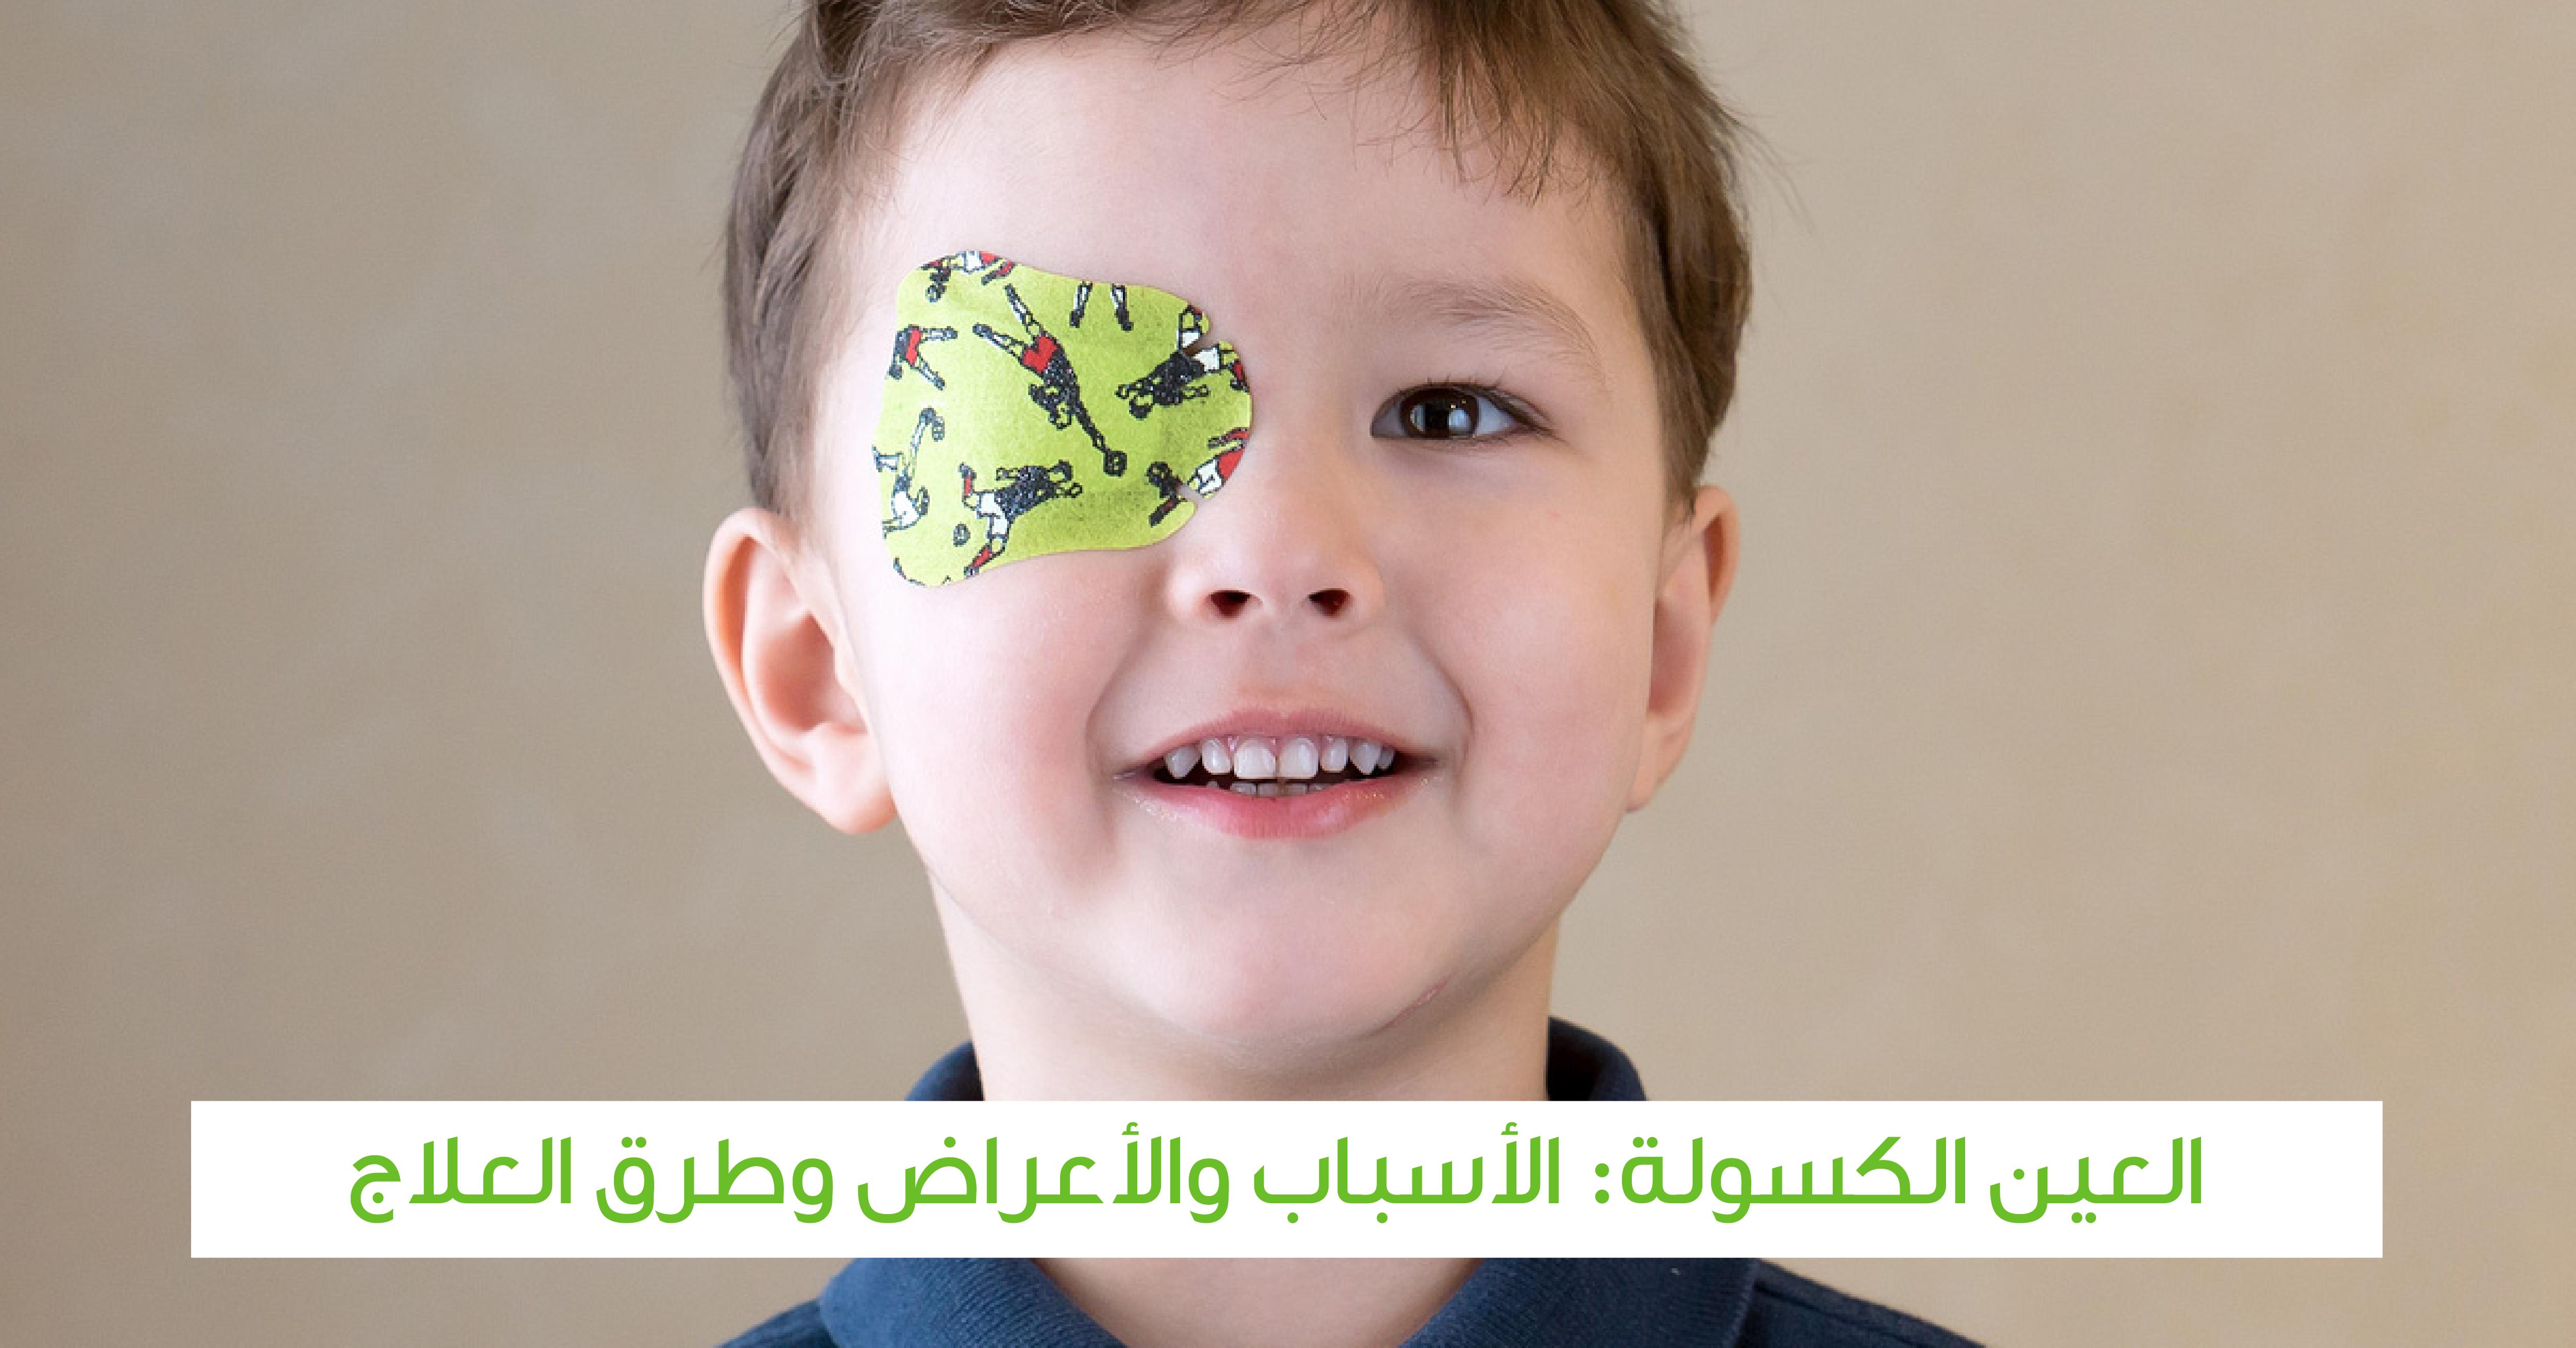 كايوس مكبس سجل الصور غطاء عيون للاطفال Dsvdedommel Com